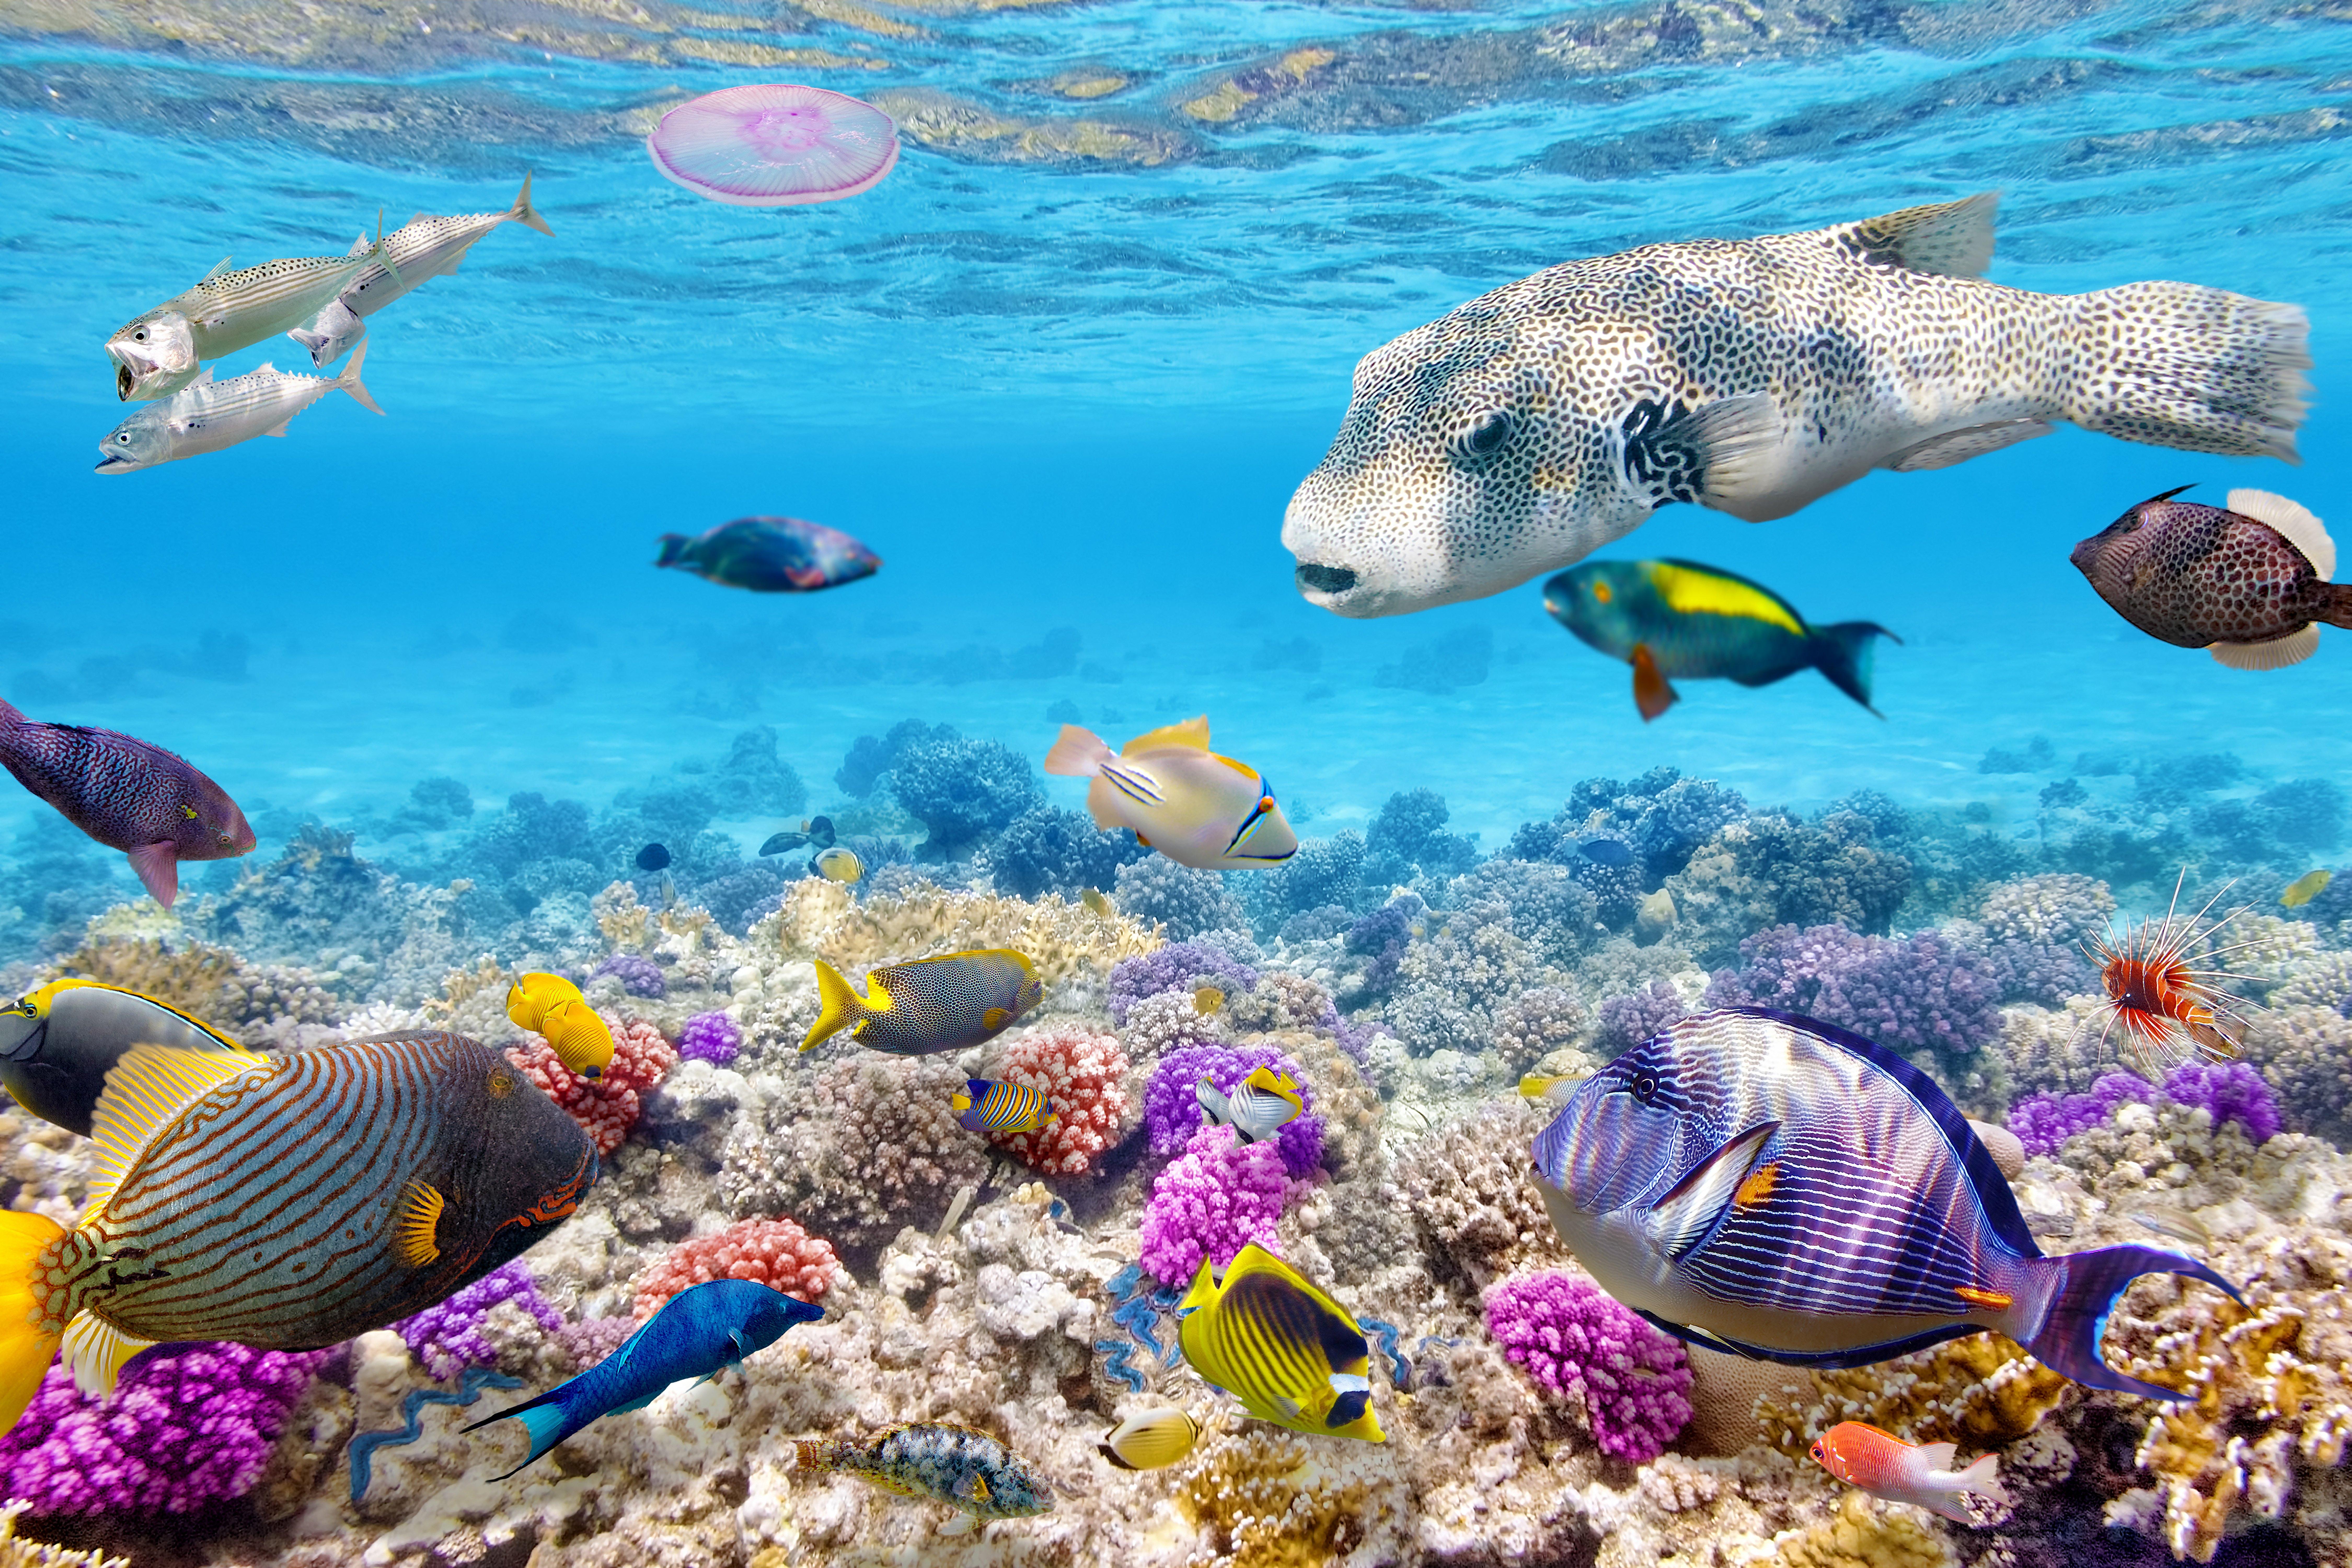 Fondos de pantalla Peces en el océano